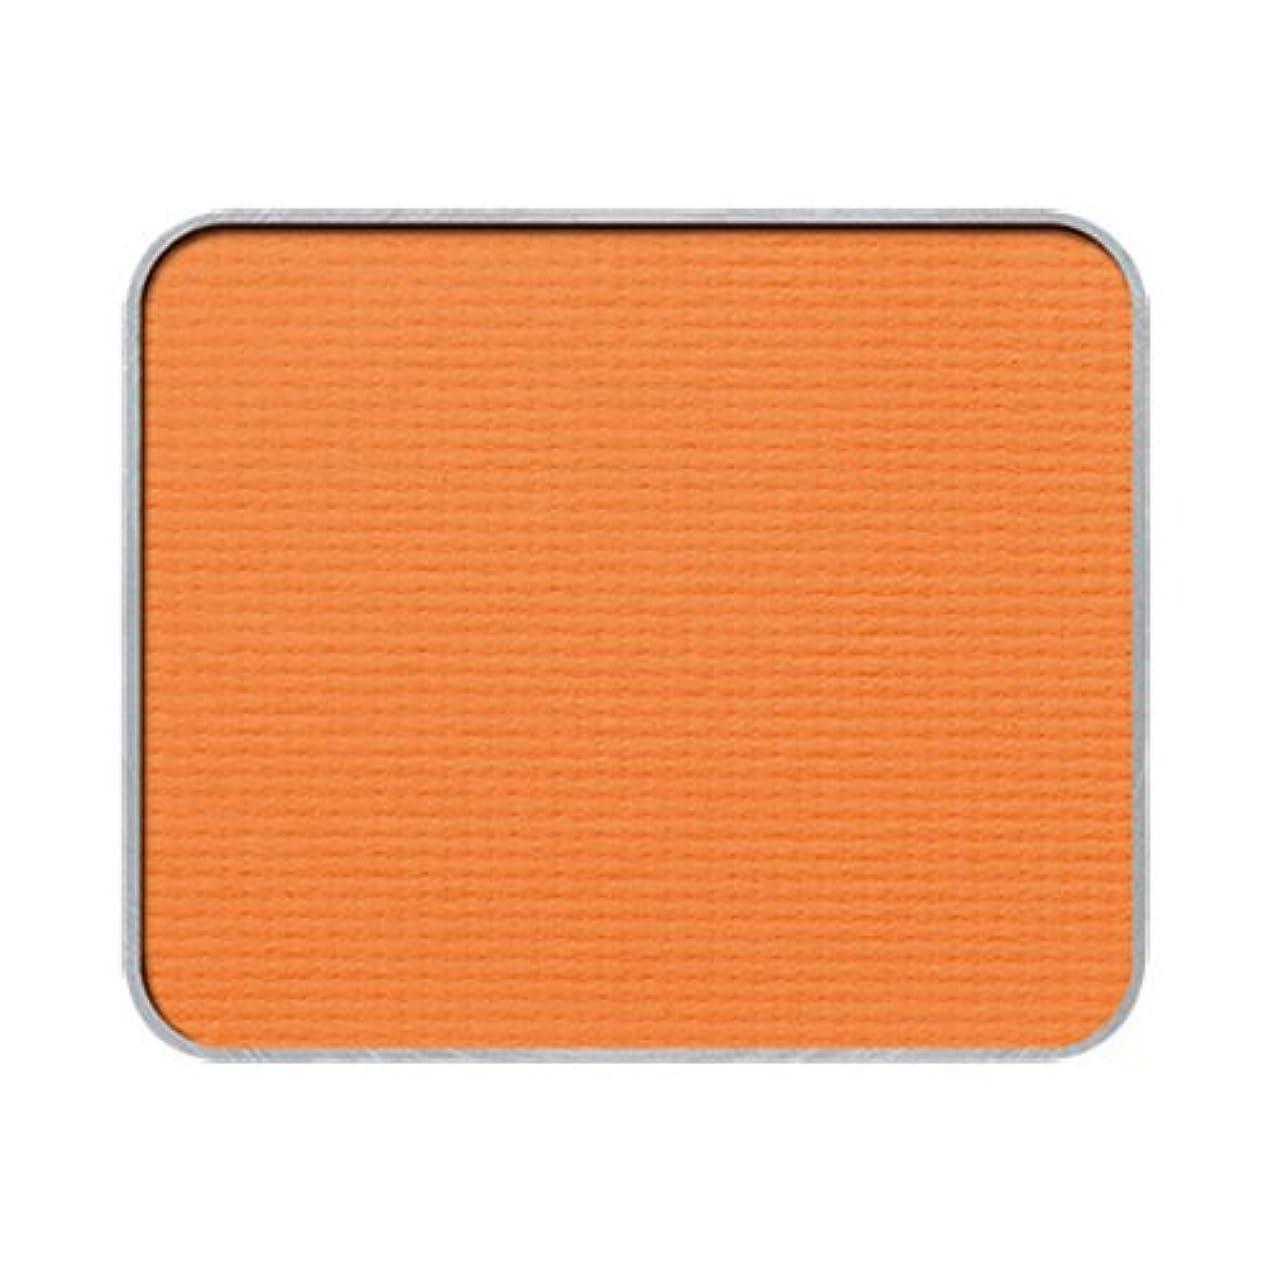 無関心白内障ヒステリックプレスド アイシャドー (レフィル) M オレンジ 250